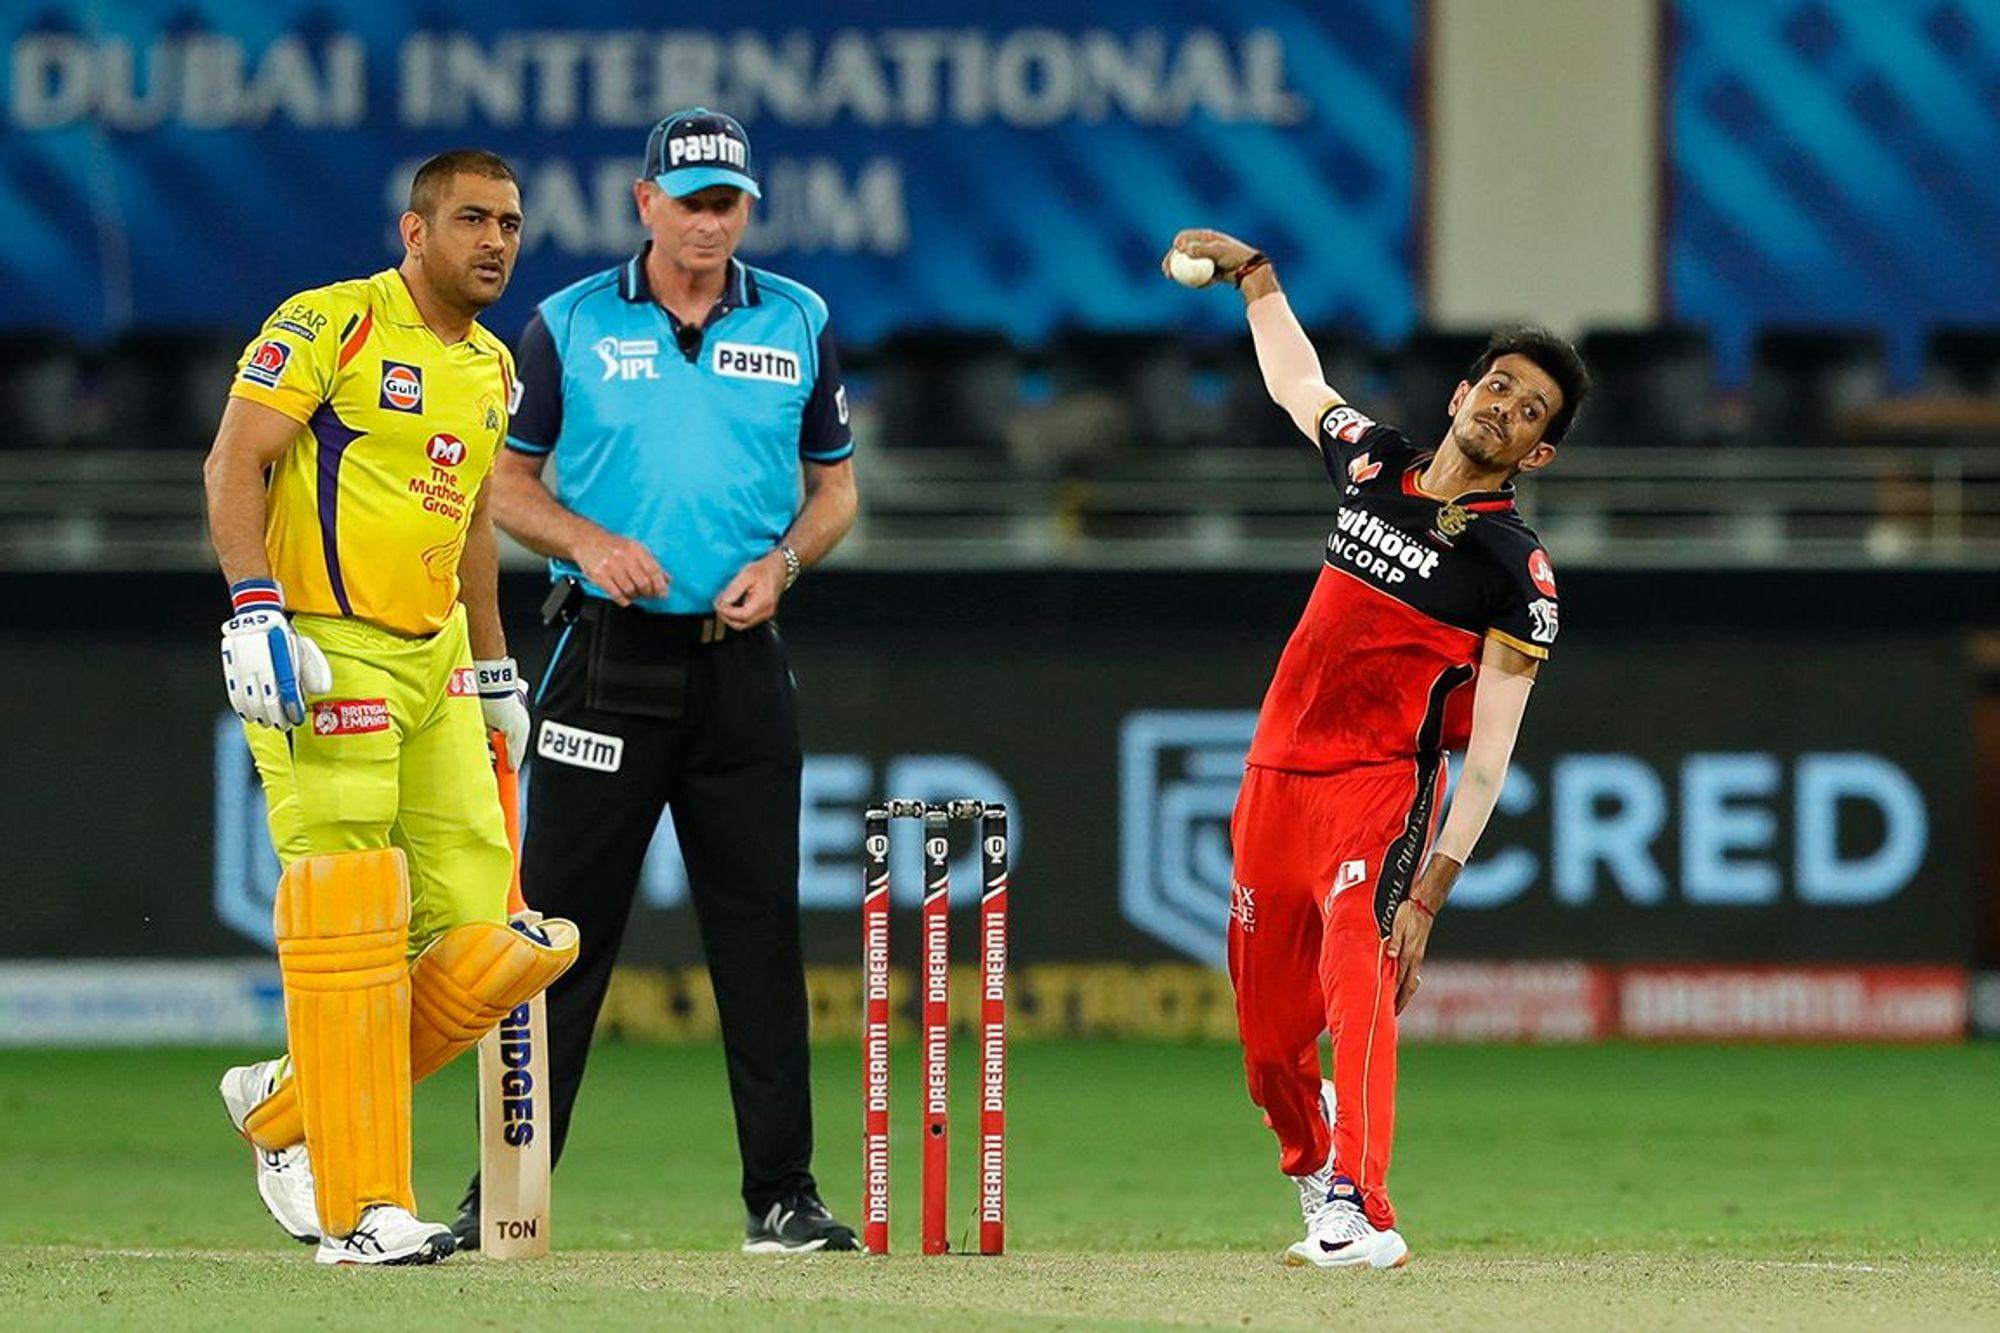 आईपीएल में कोहली का सबसे विराट हथियार युजवेन्द्र चहल इस टीम से खेलने की रखते हैं चाहत 2